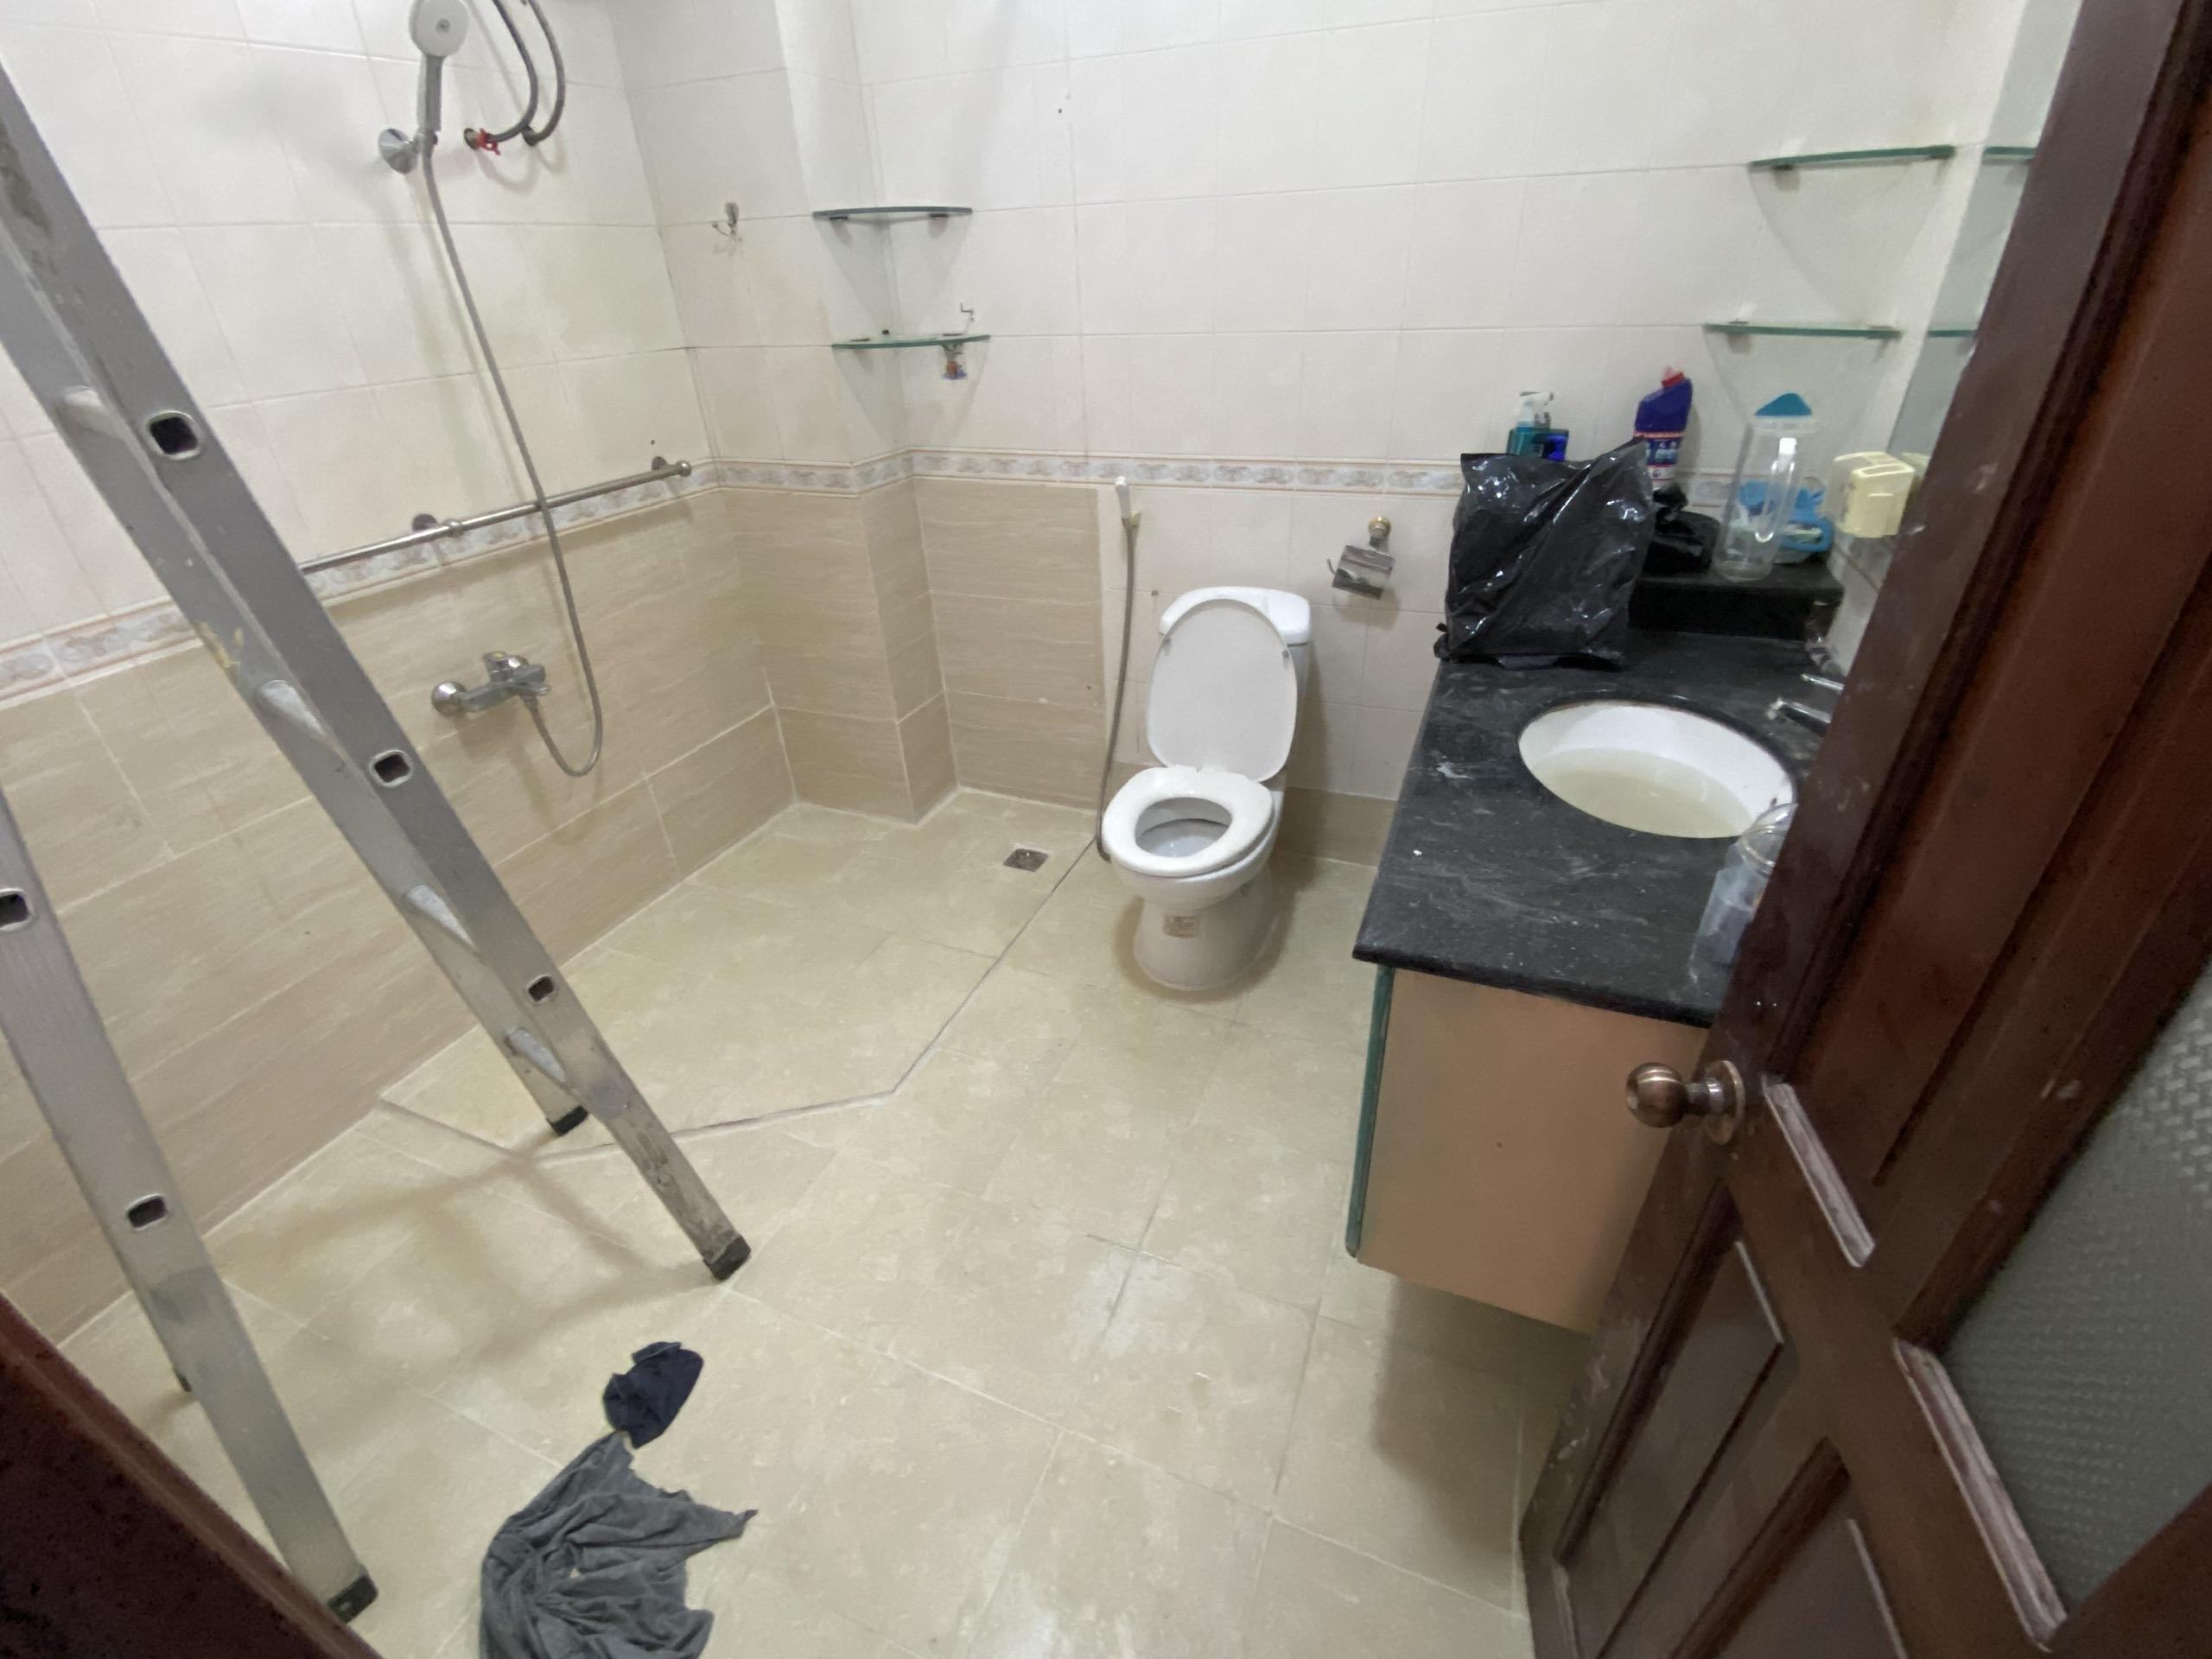 chong tham nha ve sinh chung cu 1 1 - Chống thấm nhà vệ sinh chung cư uy tín nhất Hồ Chí Minh